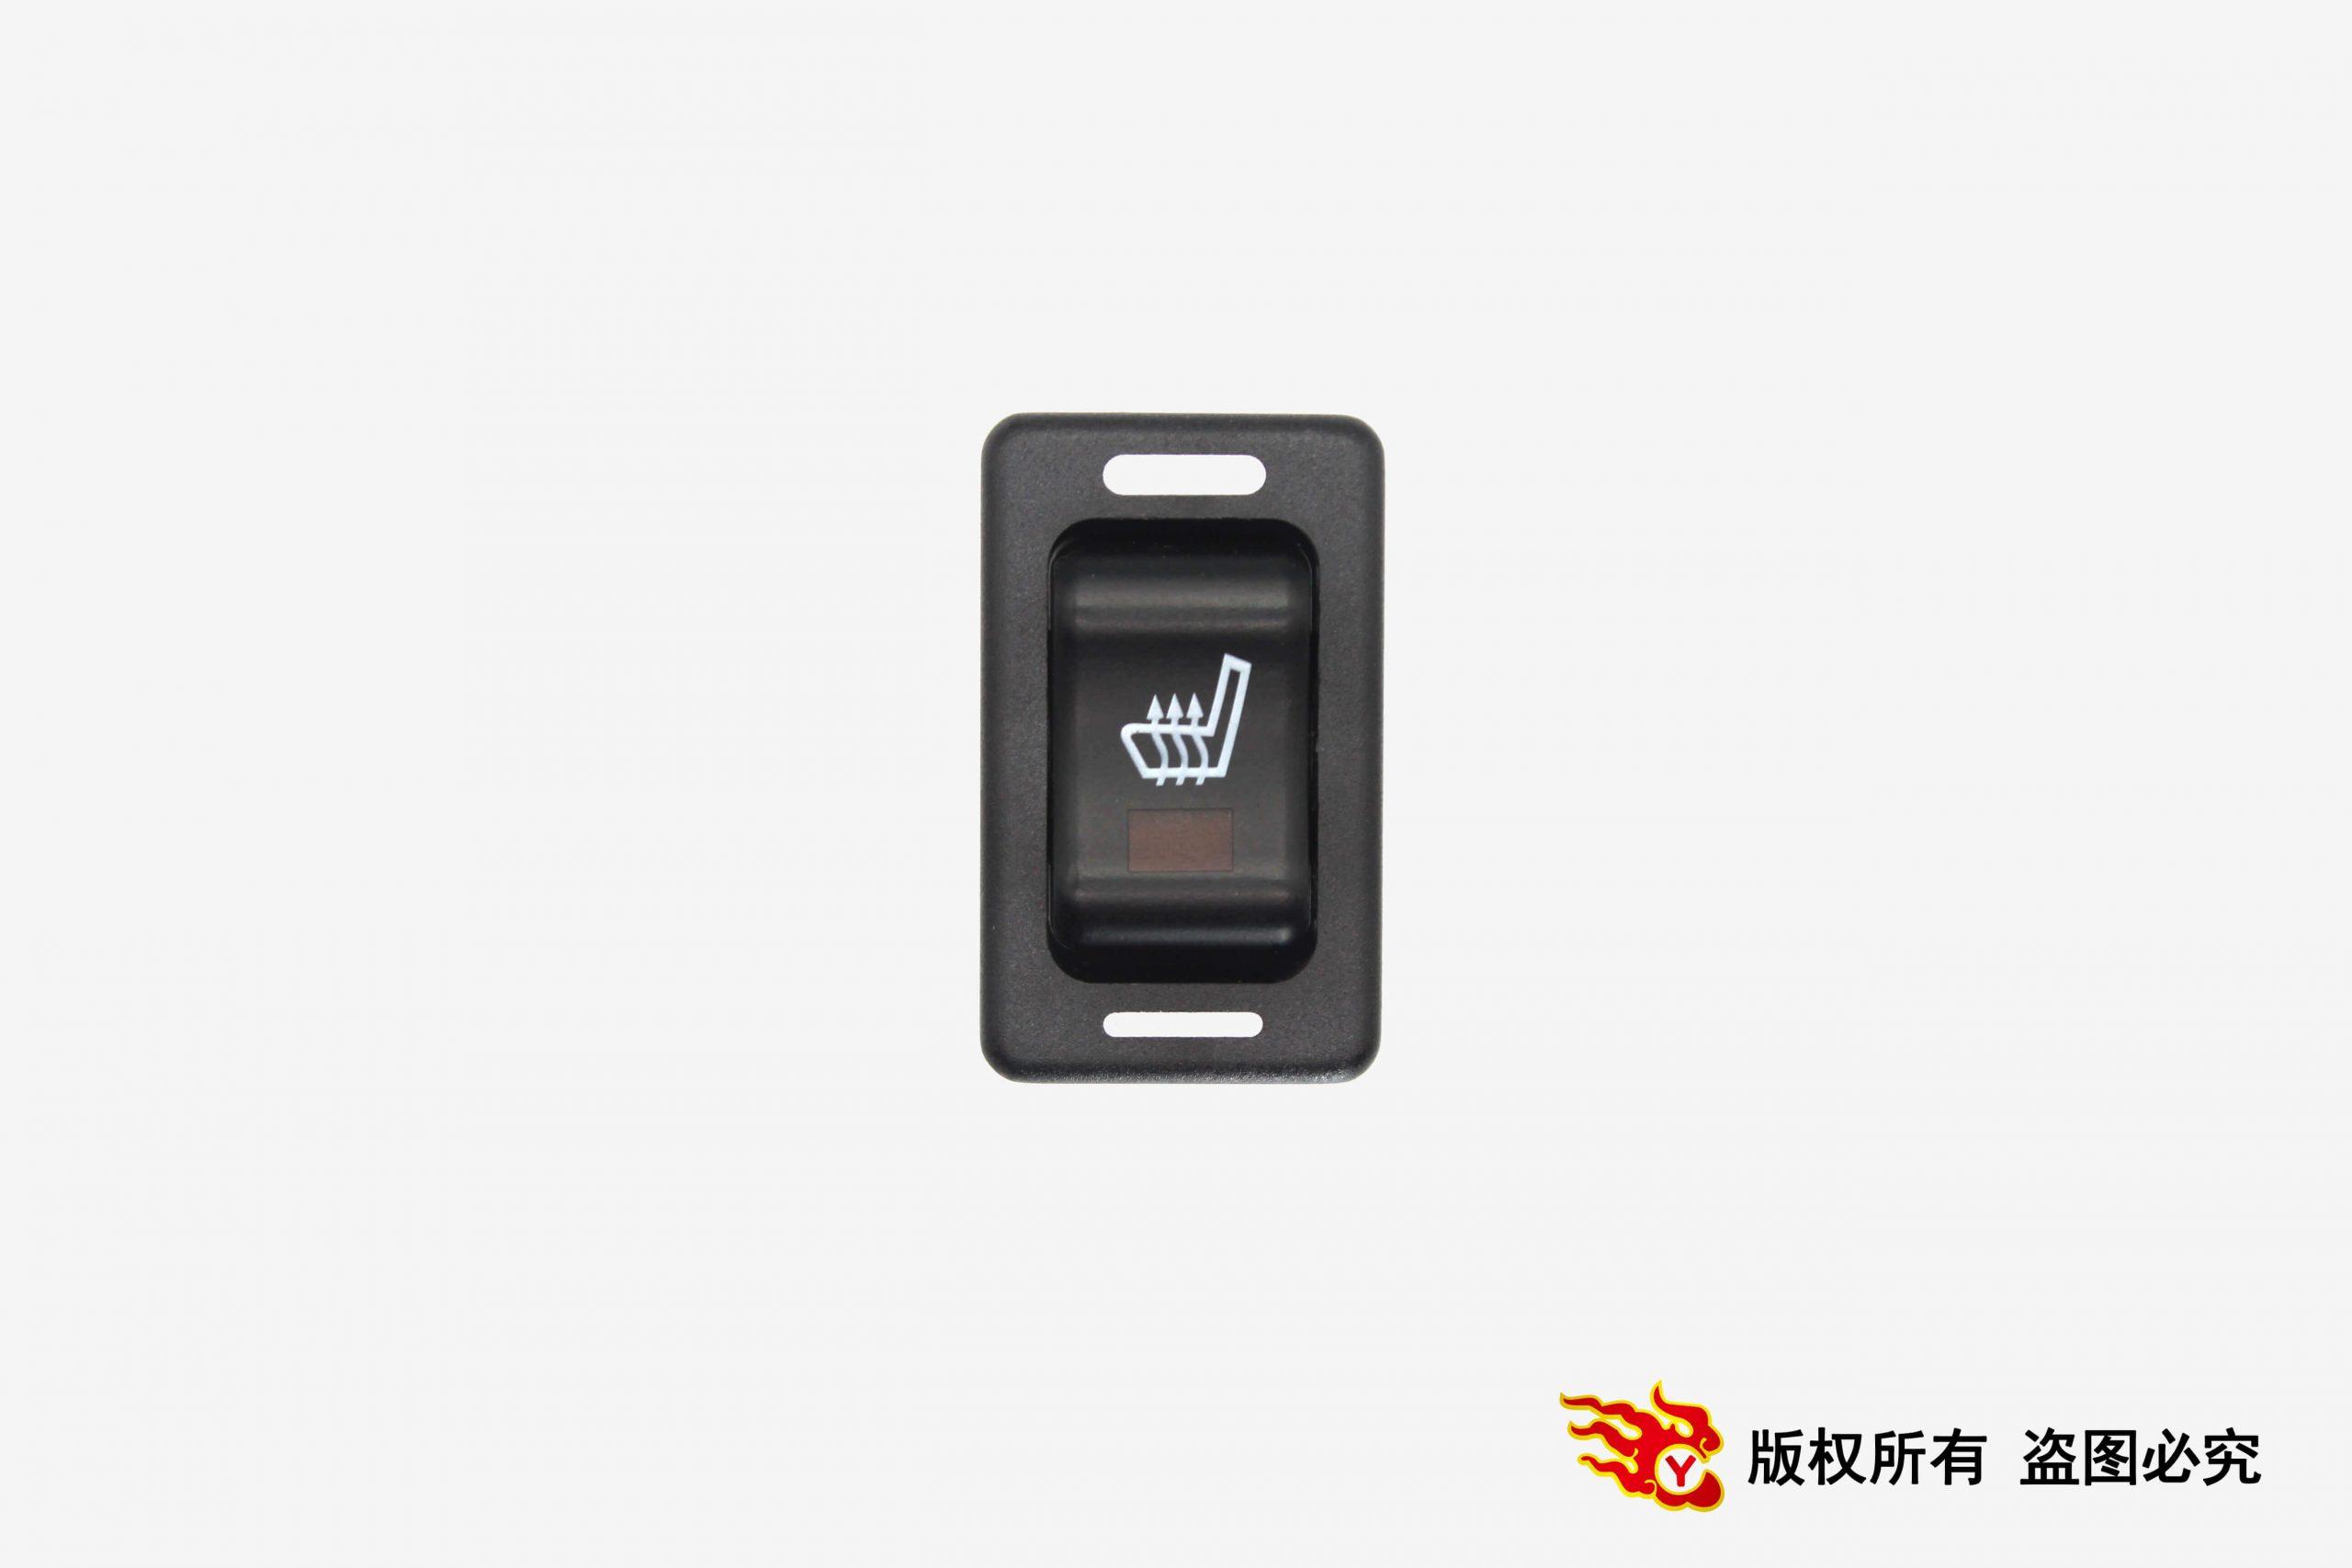 翘板座椅加热XYX-208-015